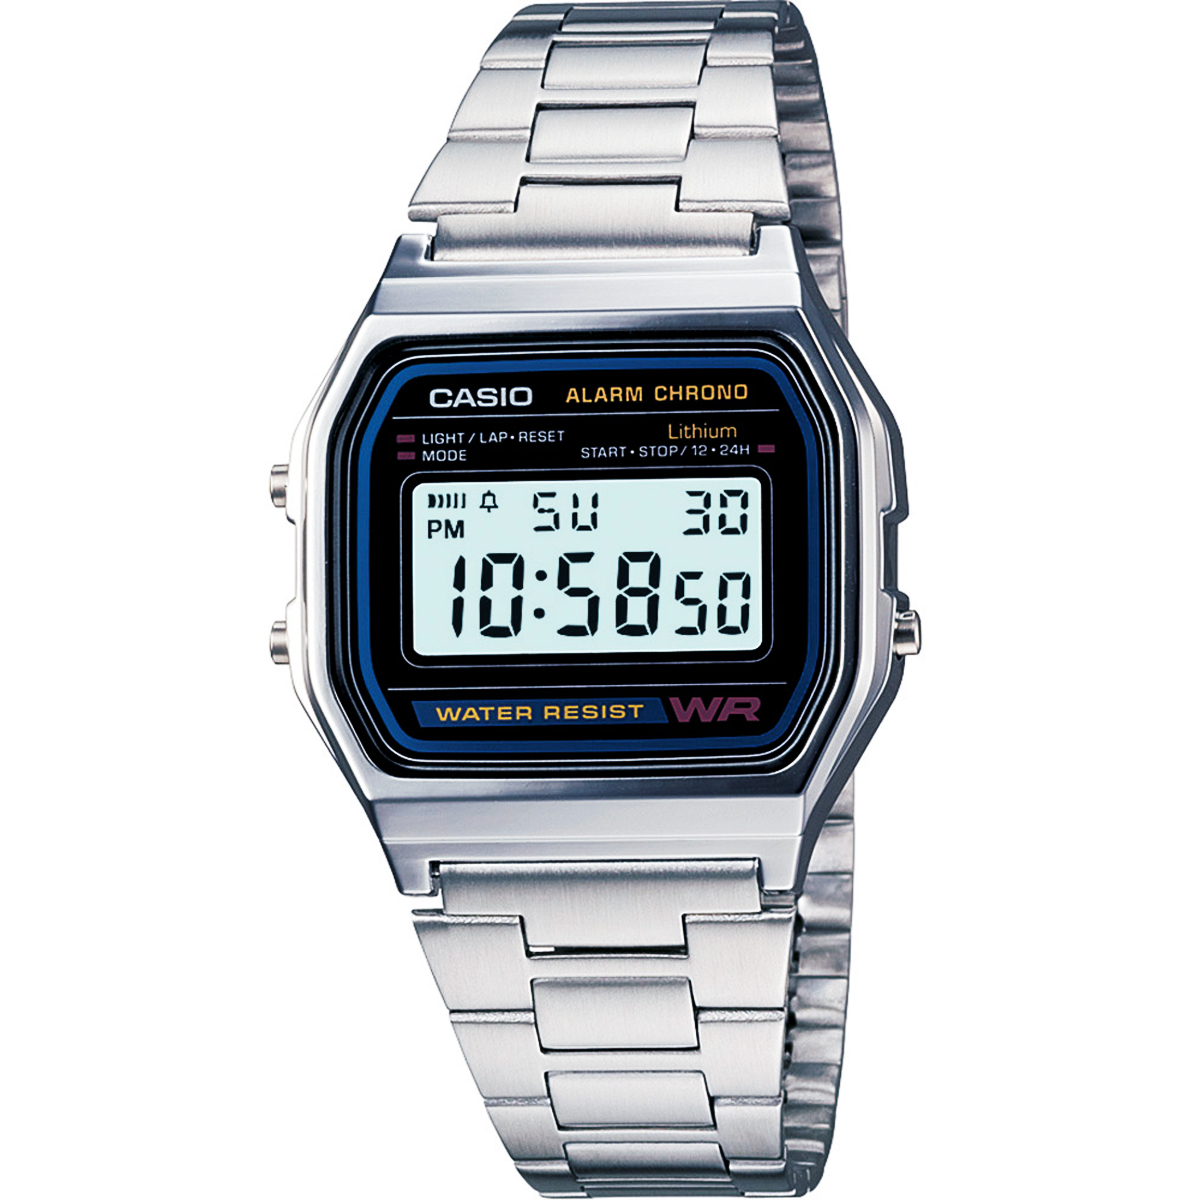 (จุดด่างพร้อย)Casio Digital นาฬิกาข้อมือ สีเงิน สายสแตนเลส รุ่น A158WA-1 ของแท้ ประกัน CMG